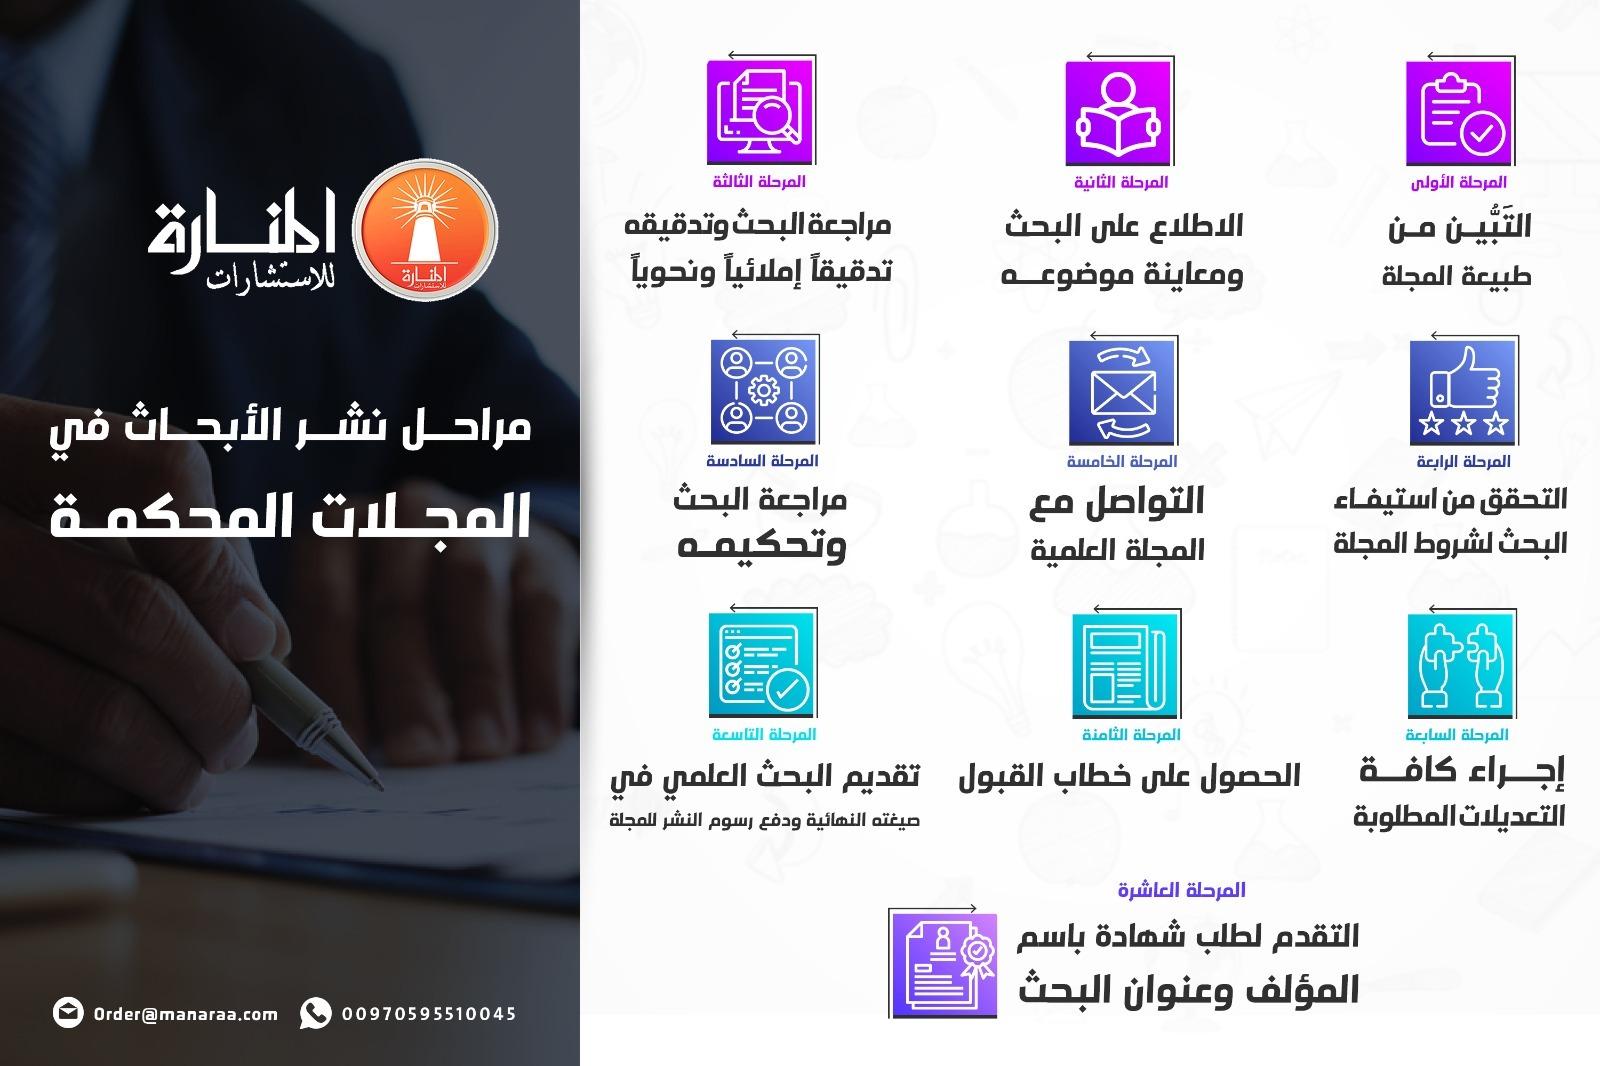 مراحل نشر الأبحاث العلمية في المجلات المحكمة